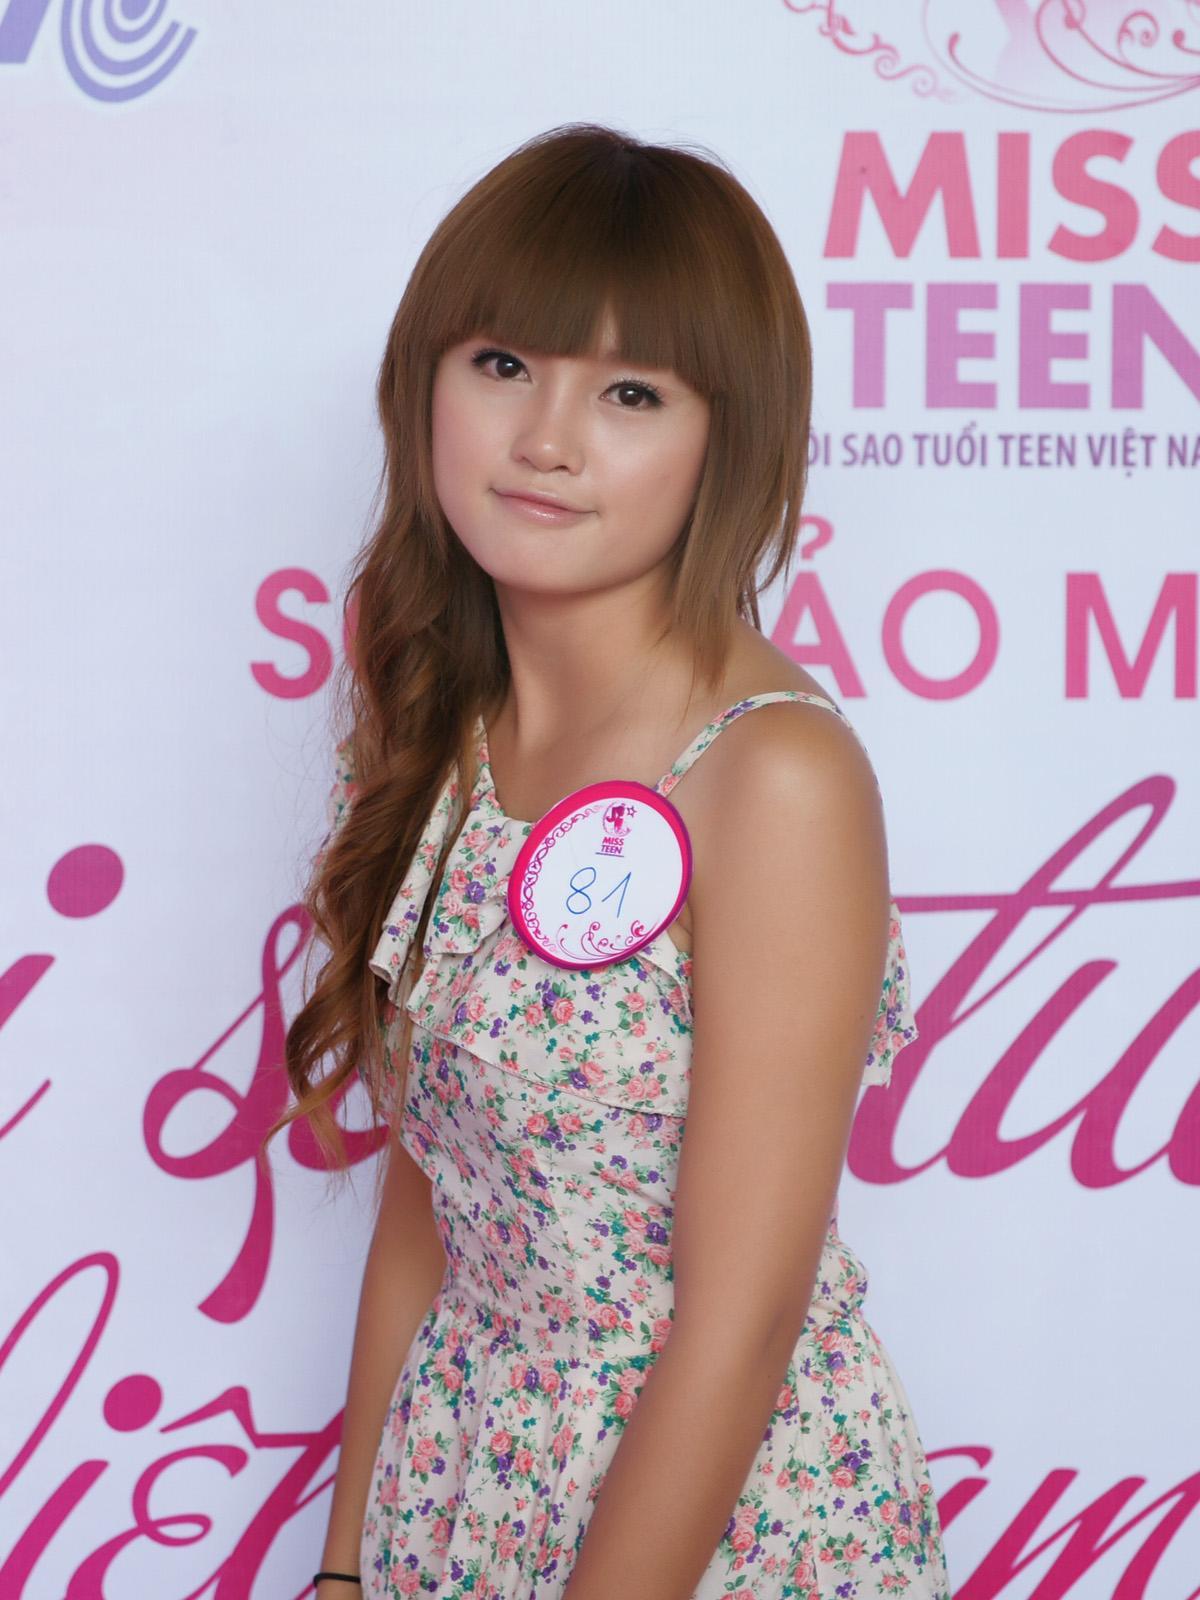 miss teen vietnam 2011 part 15 - Vietnamese girls